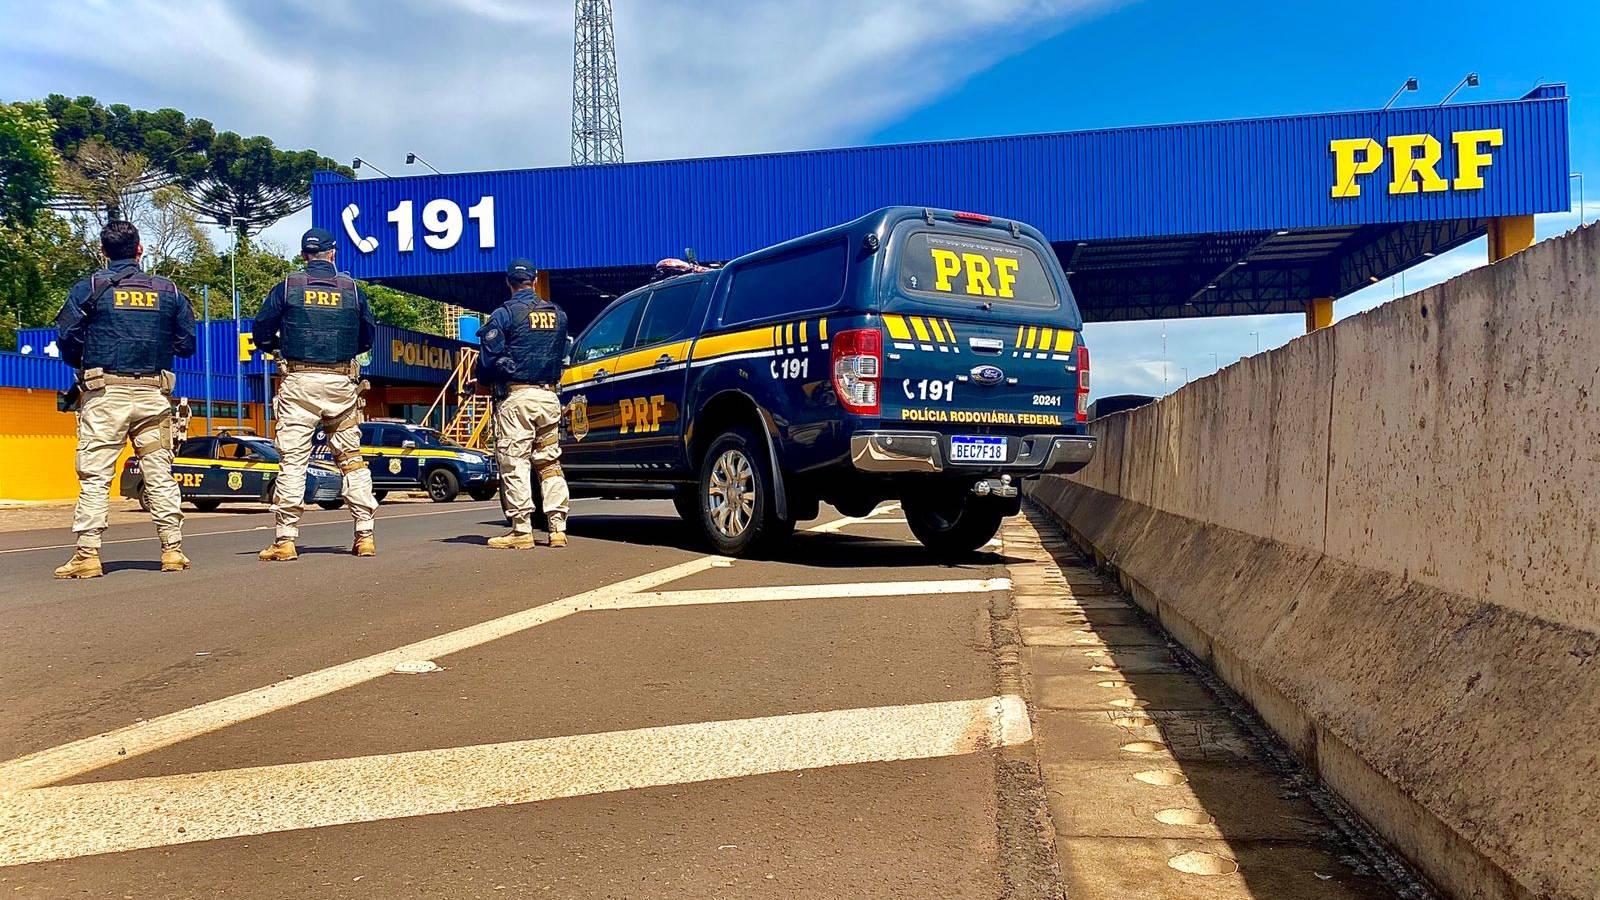 PRF impulsiona série de operações de segurança viária em Foz do Iguaçu